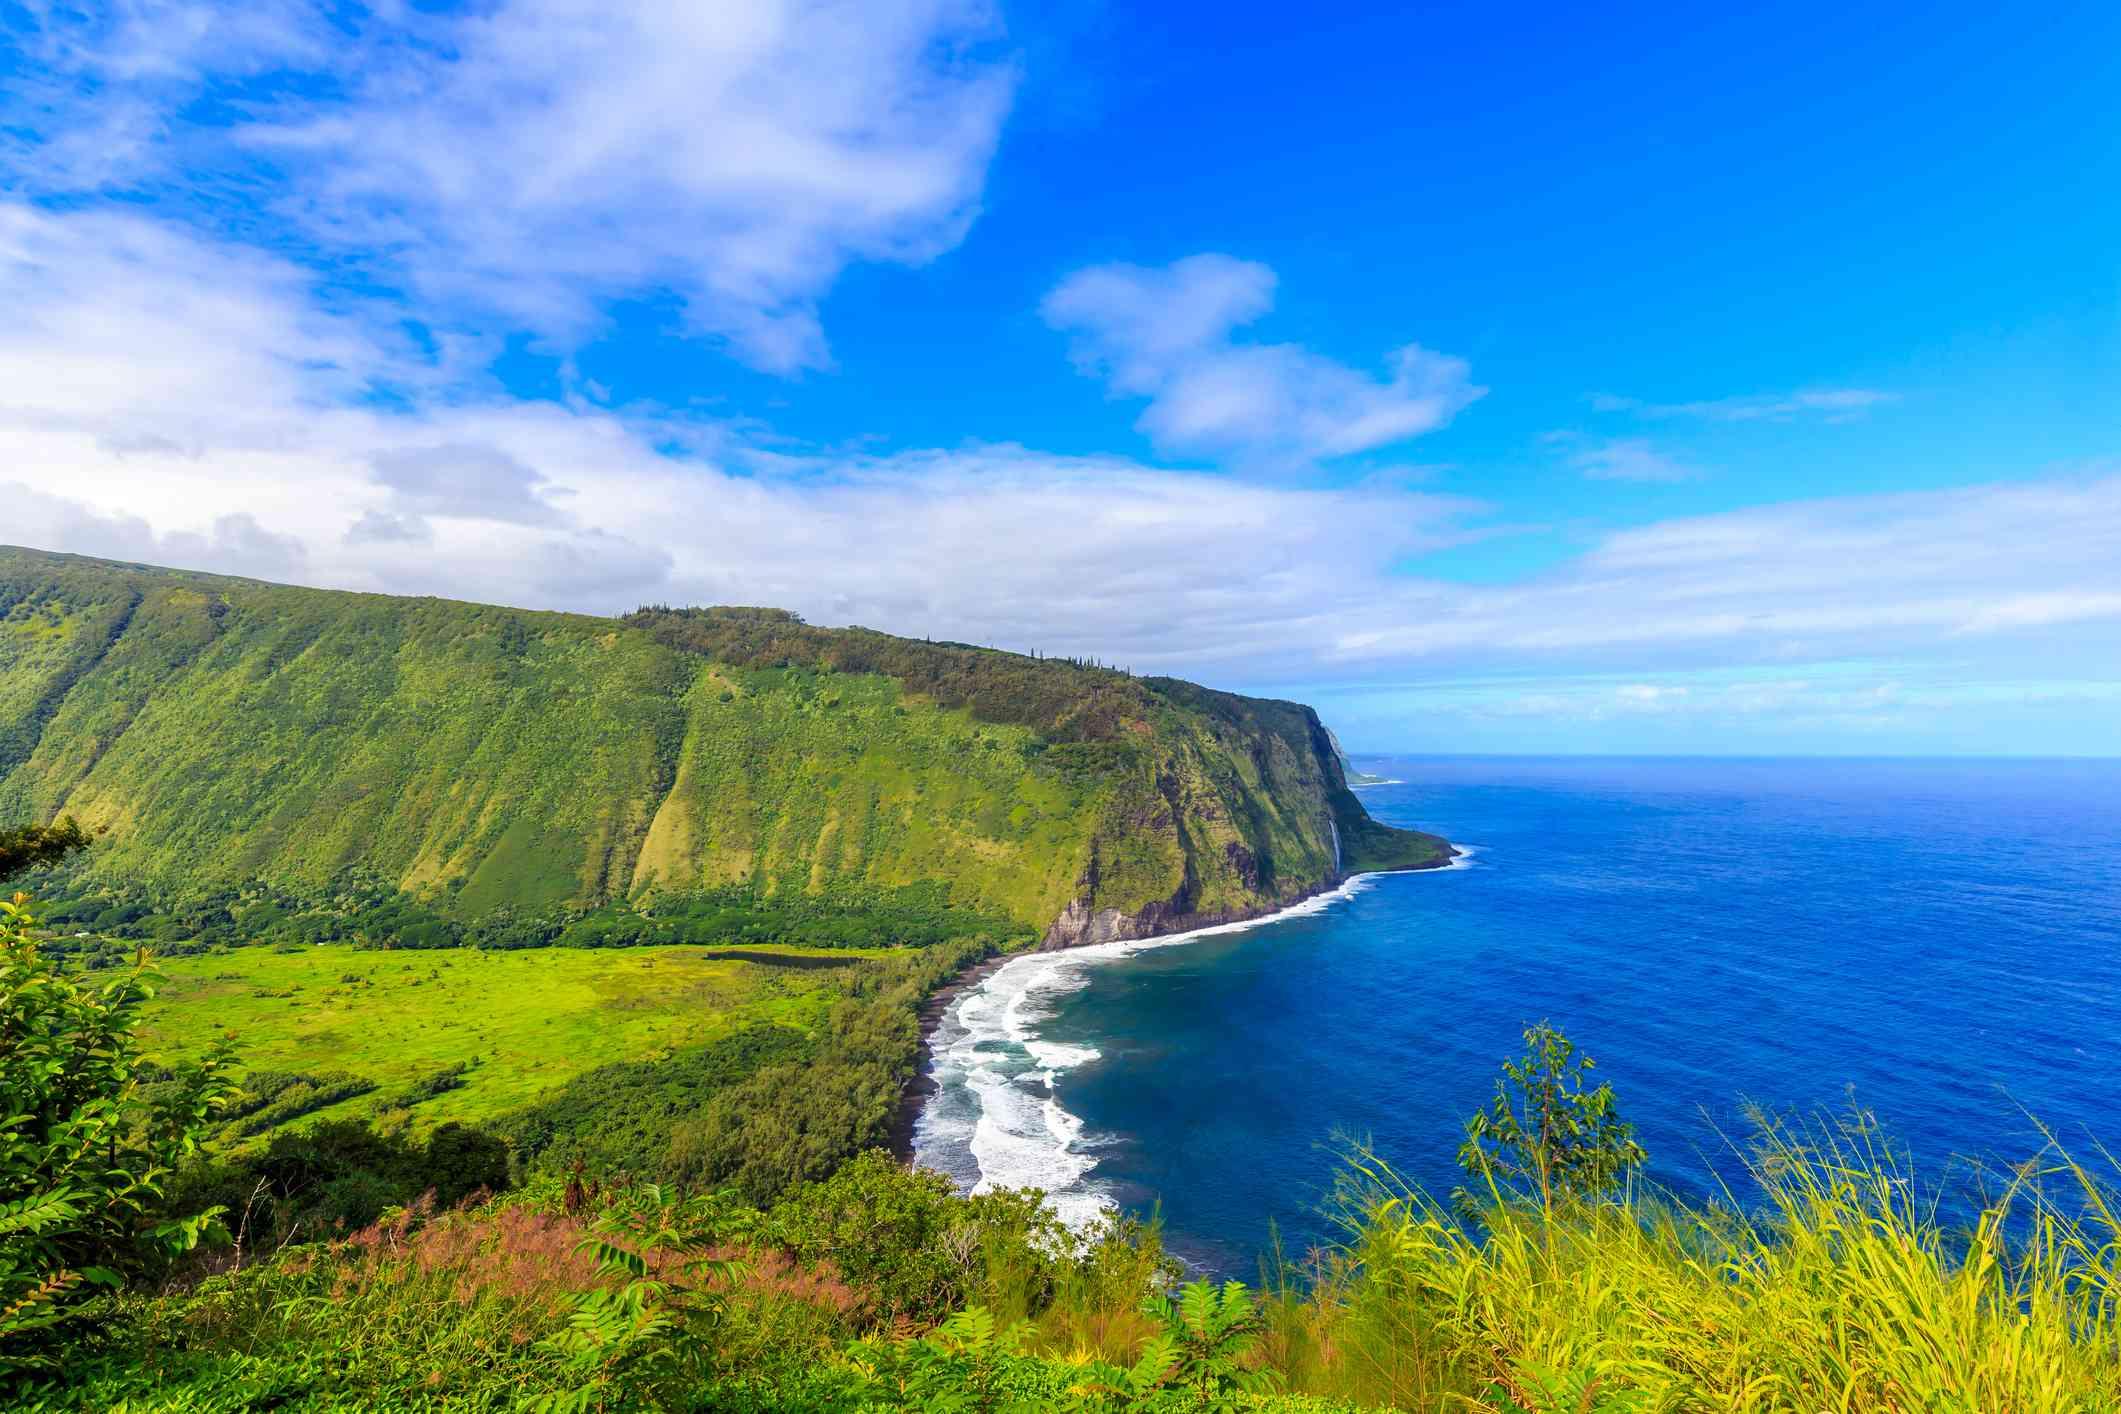 Waipiʻo Valley on Hawaii Island